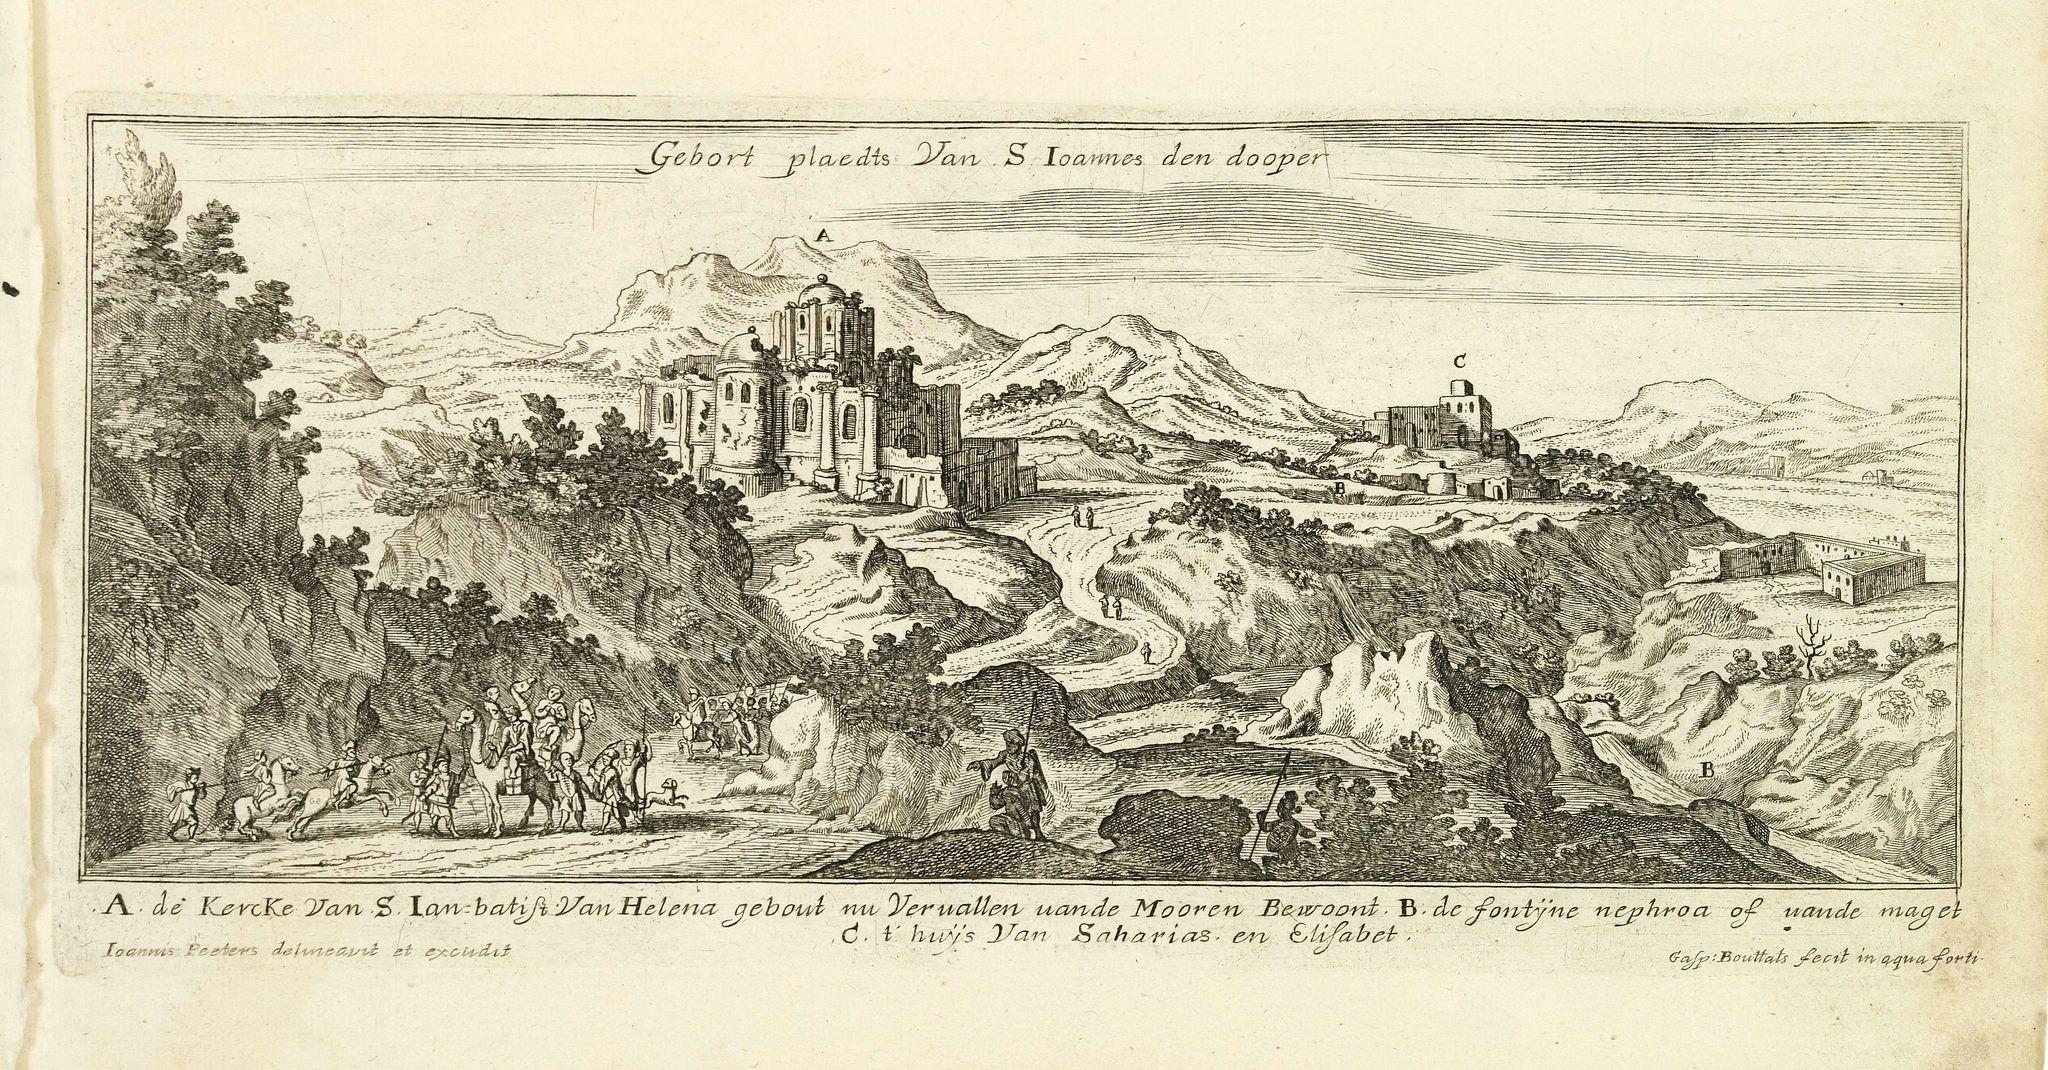 PEETERS, J. / BOUTTATS, G. -  Gebort Plaedt Van S Ioannes des dooper. [Bith place of John Baptist)